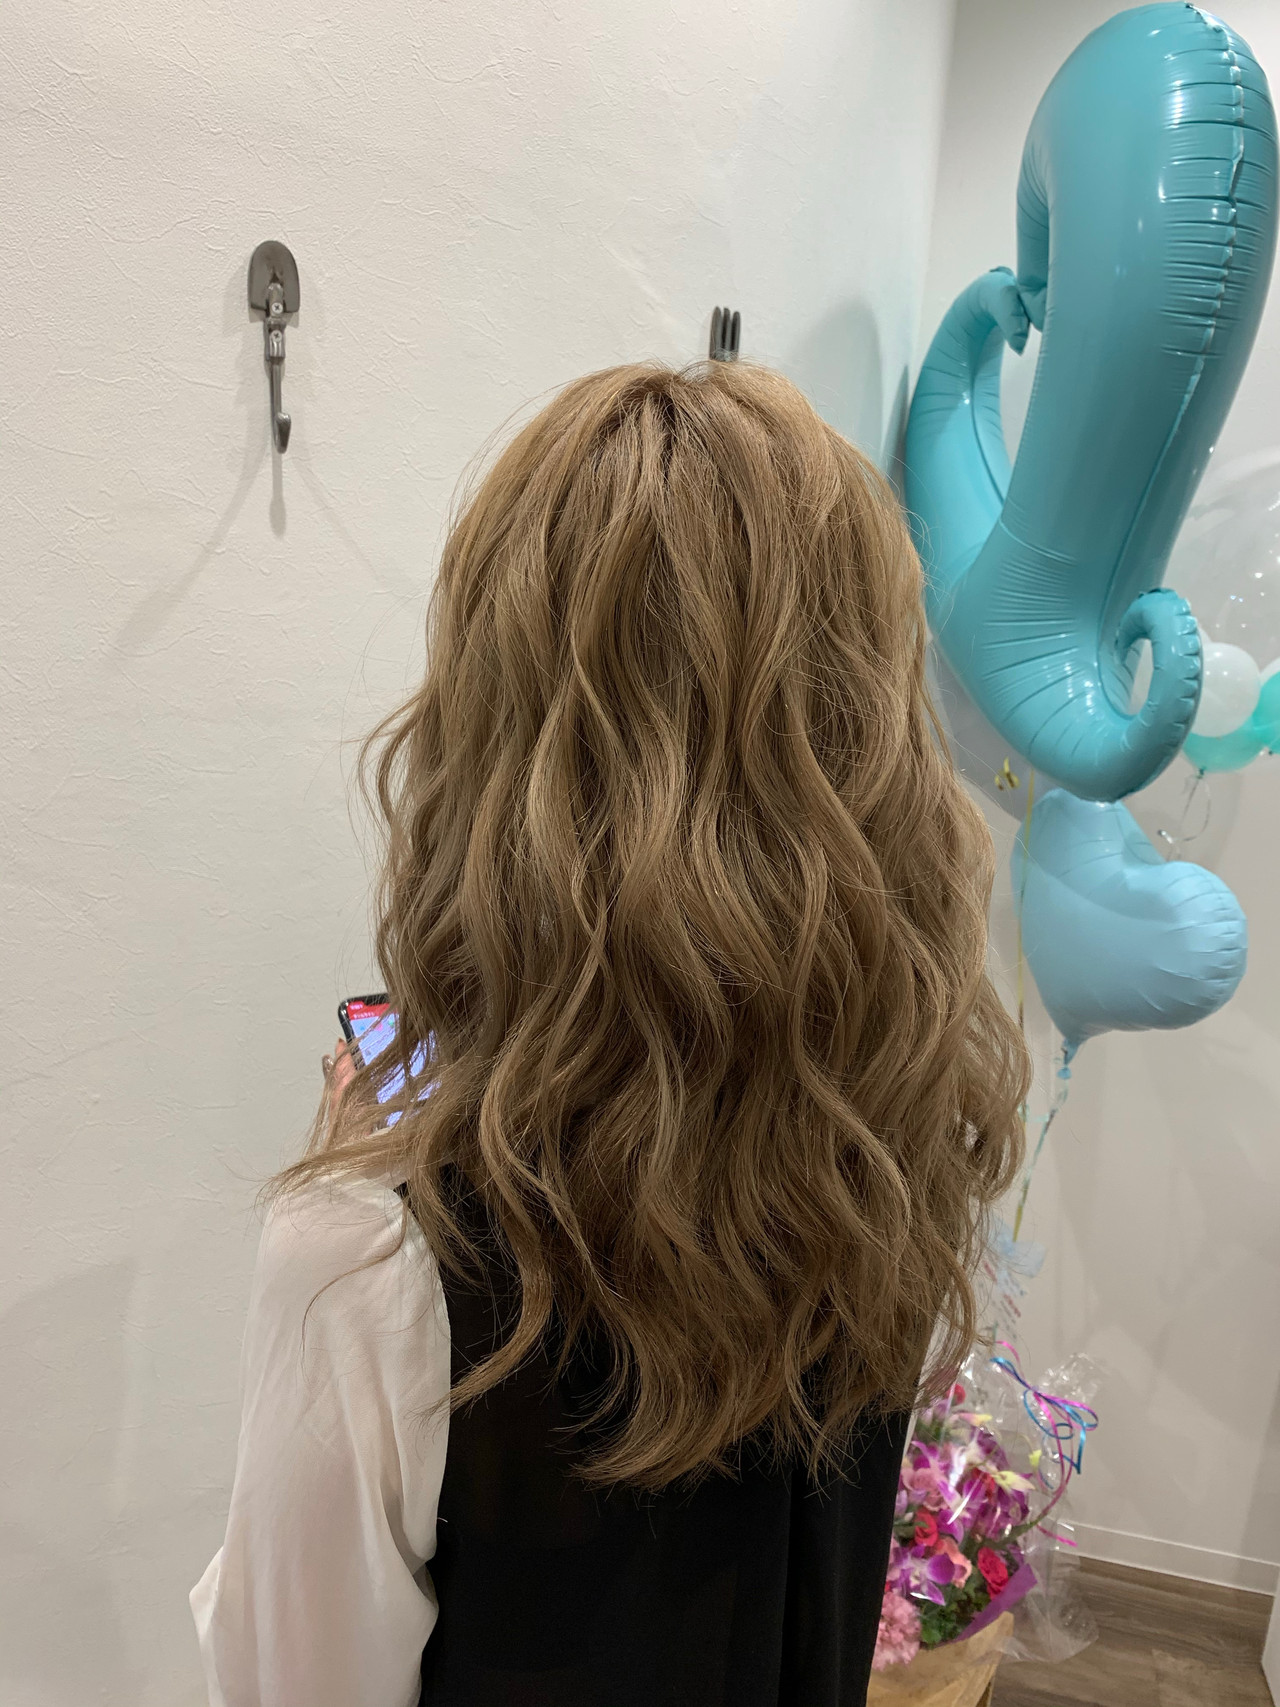 ダウンスタイル ナチュラル ハイトーン セミロングヘアスタイルや髪型の写真・画像